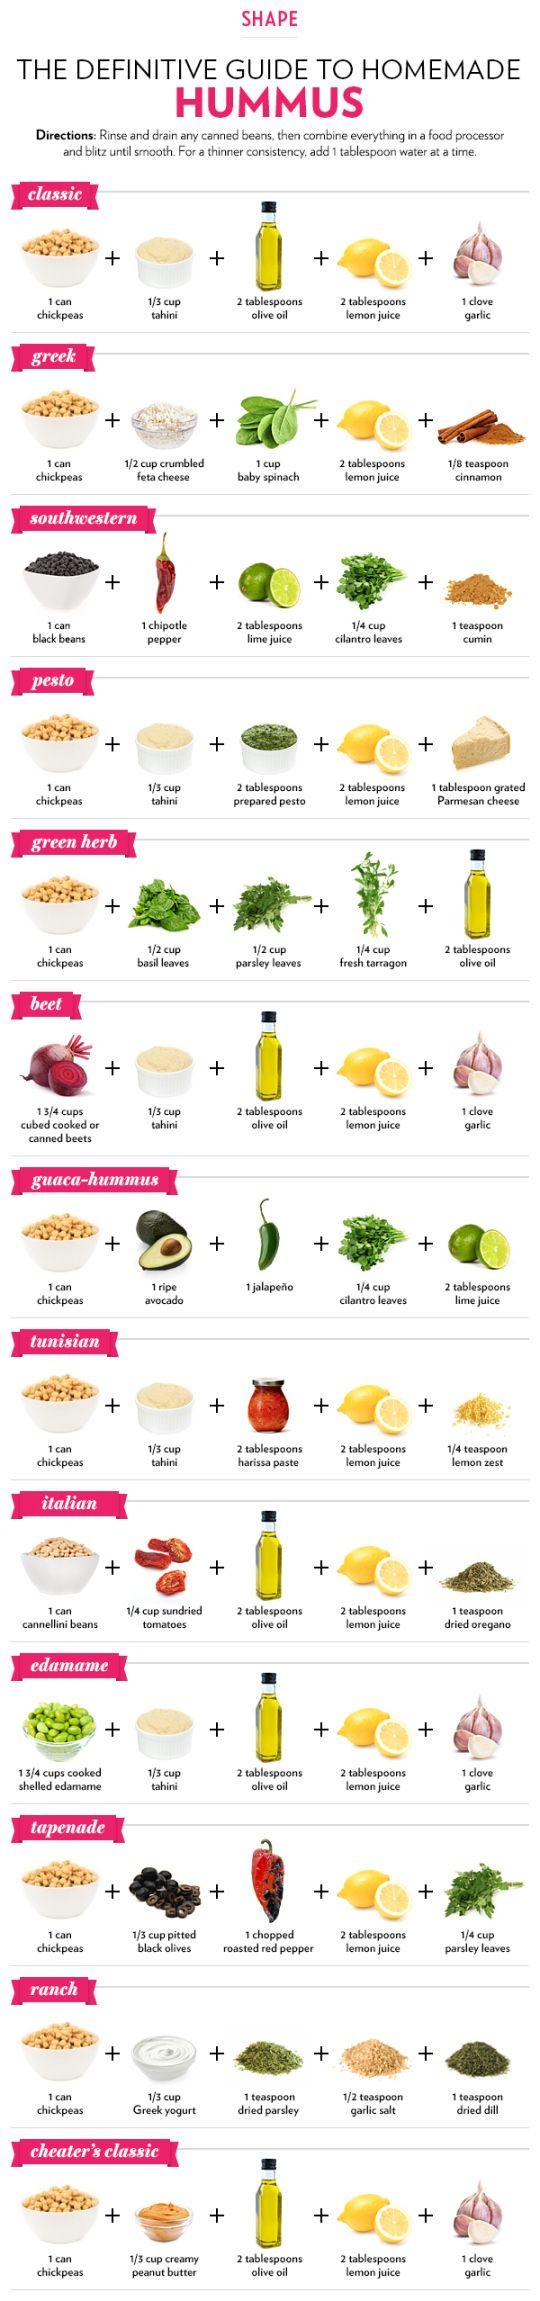 Como hacer hummus de 13 formas diferentes.